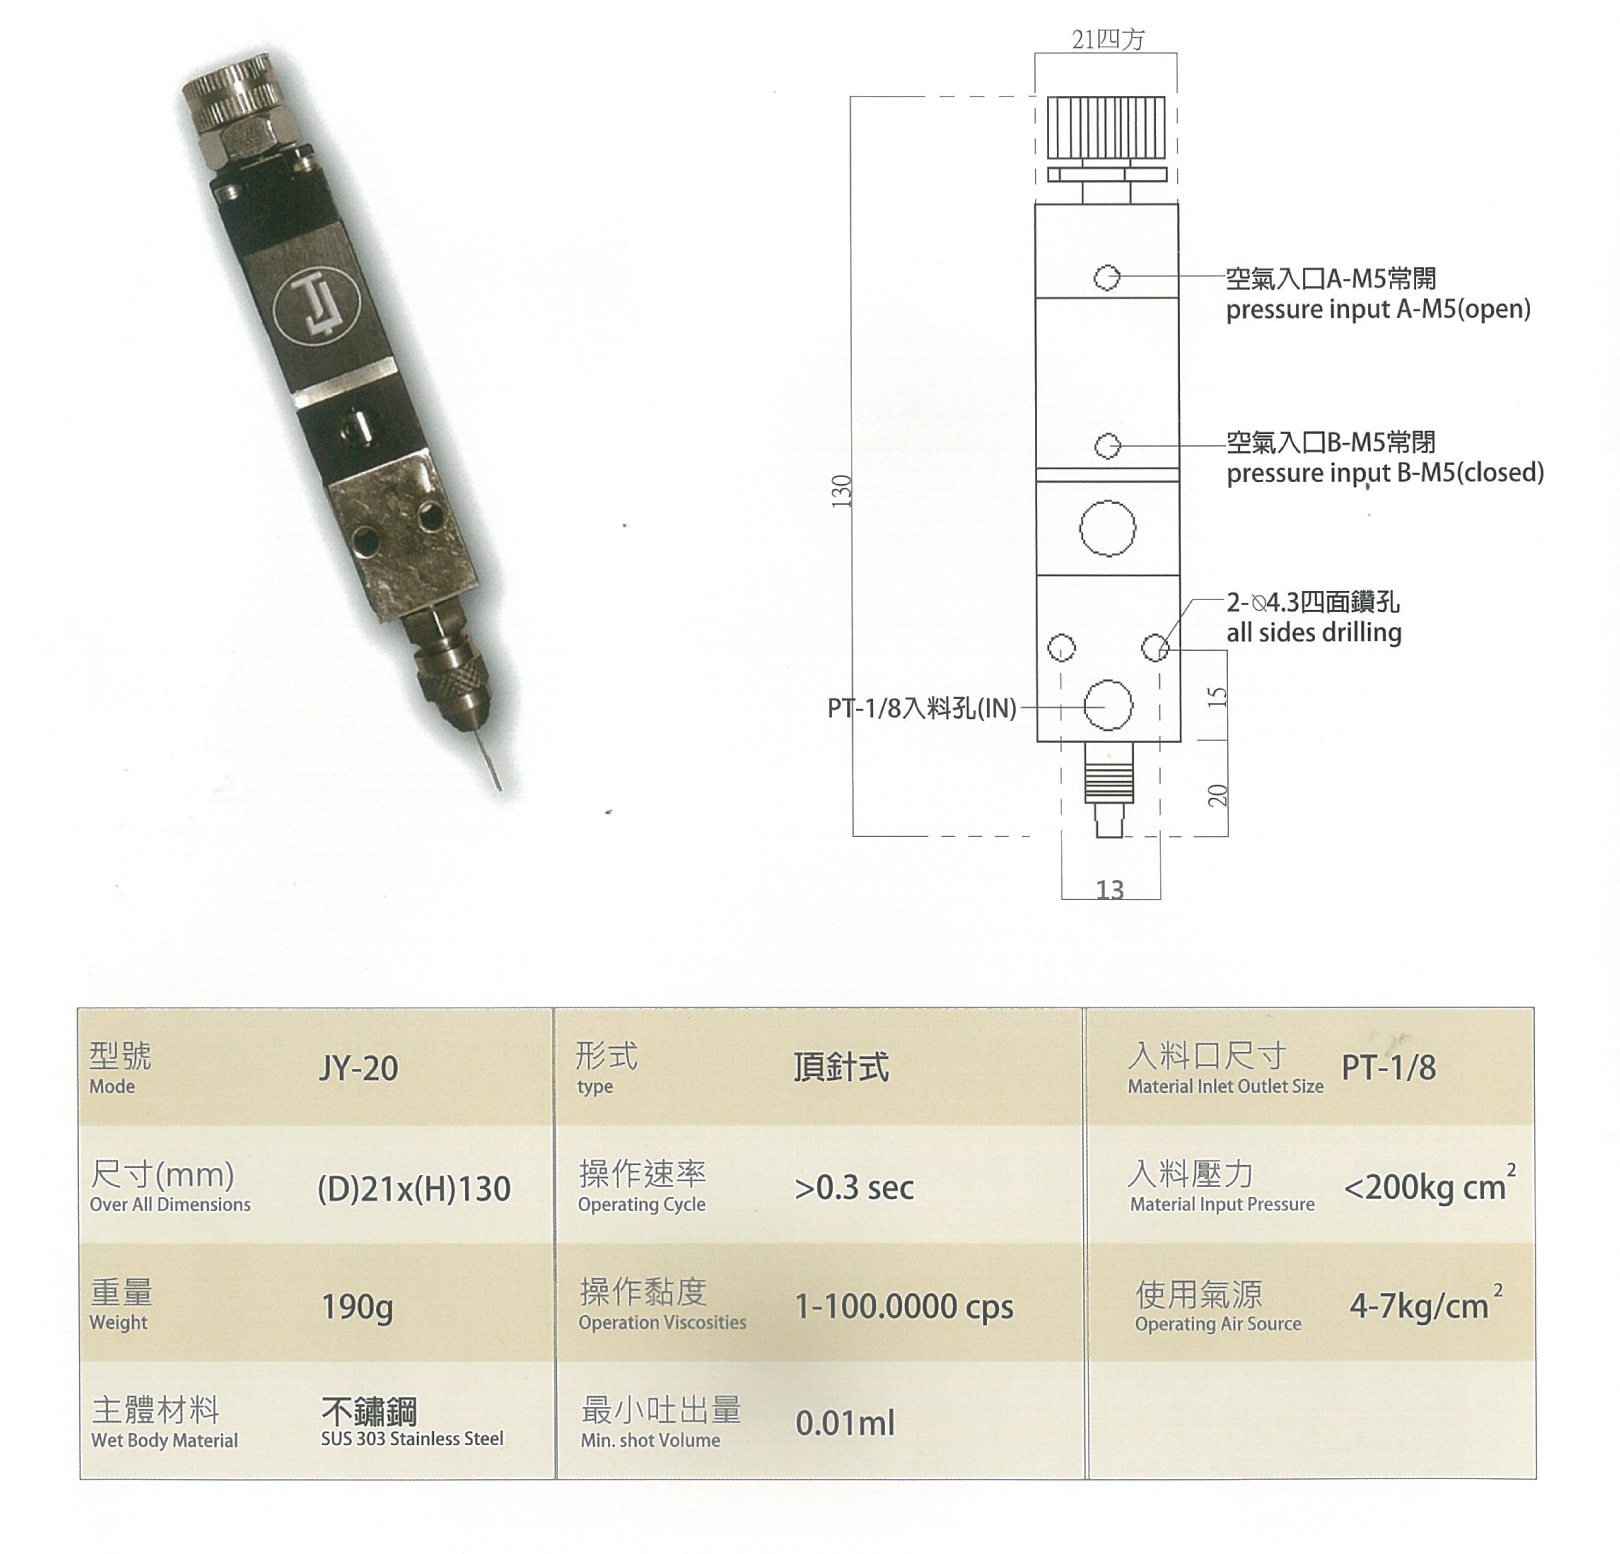 Adjustable Needle Pressure Value